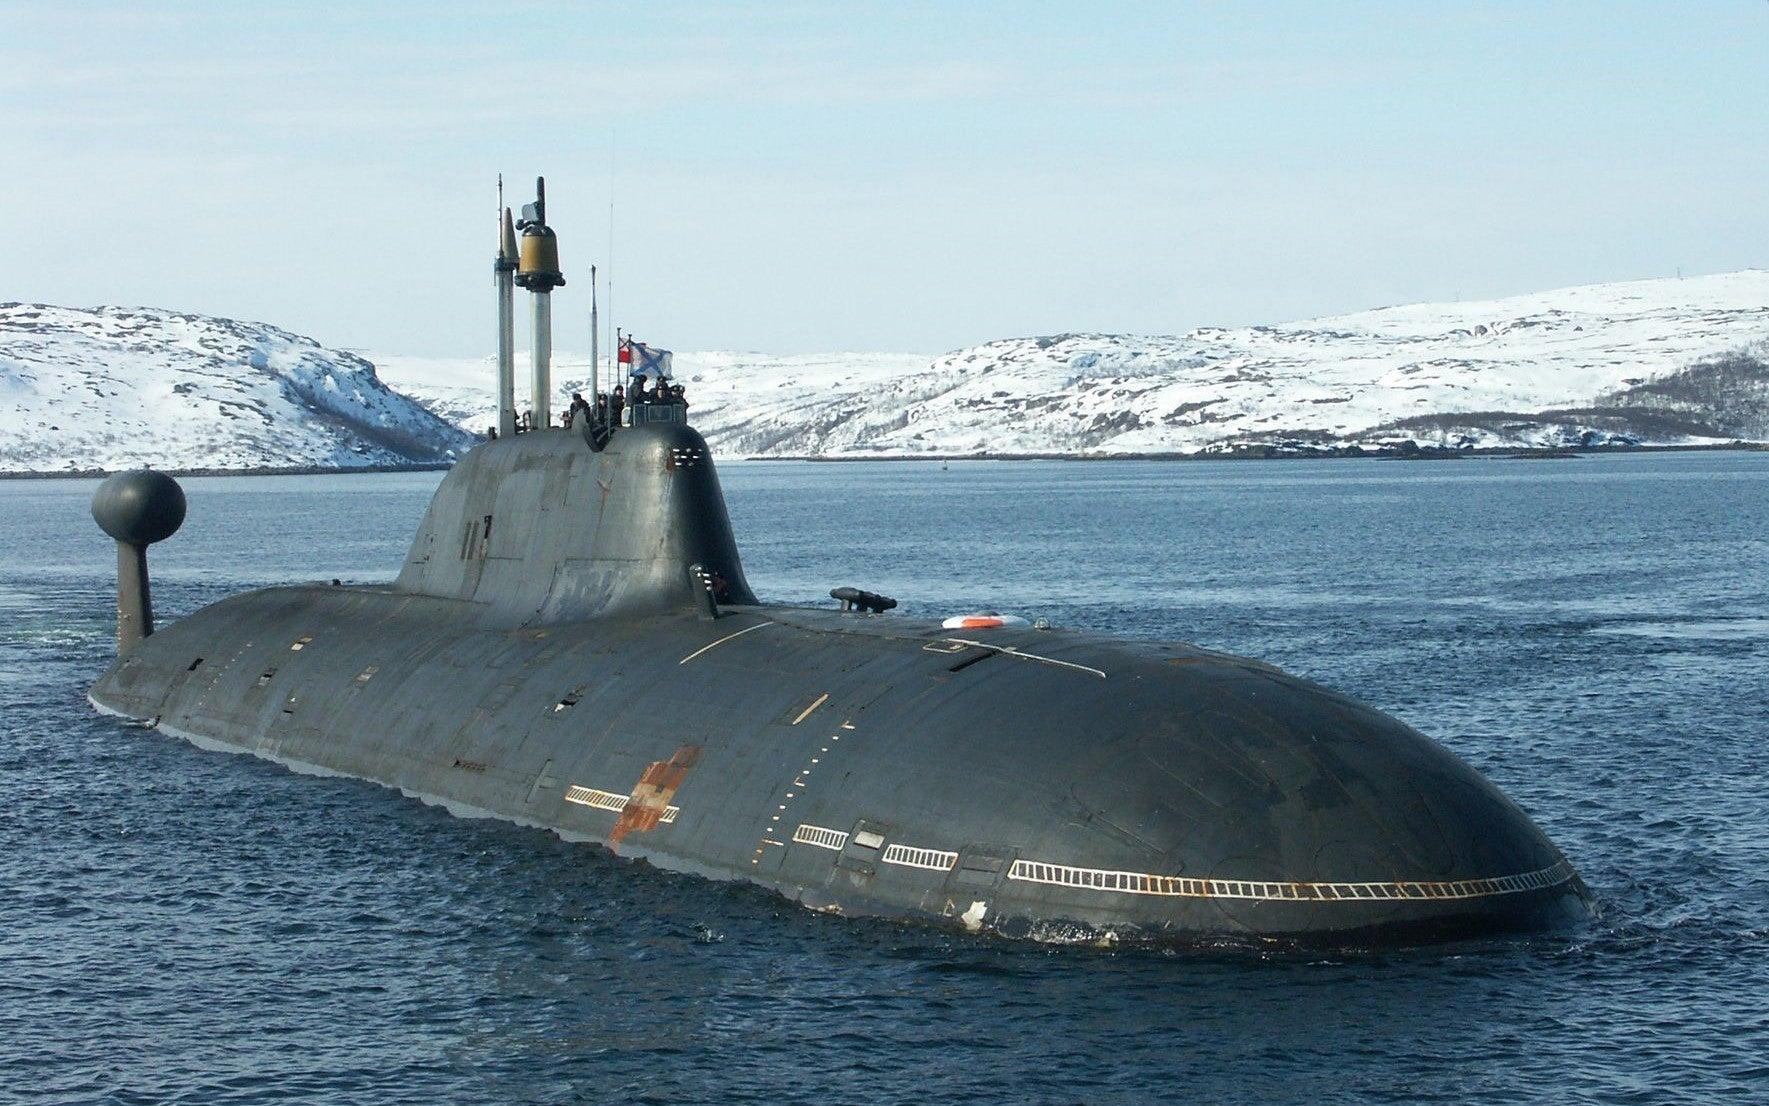 """الغواصات النووية الهجومية..للبحرية السوفييتية .""""الجزء الاول """" G45gs143prwwat2t66kd"""